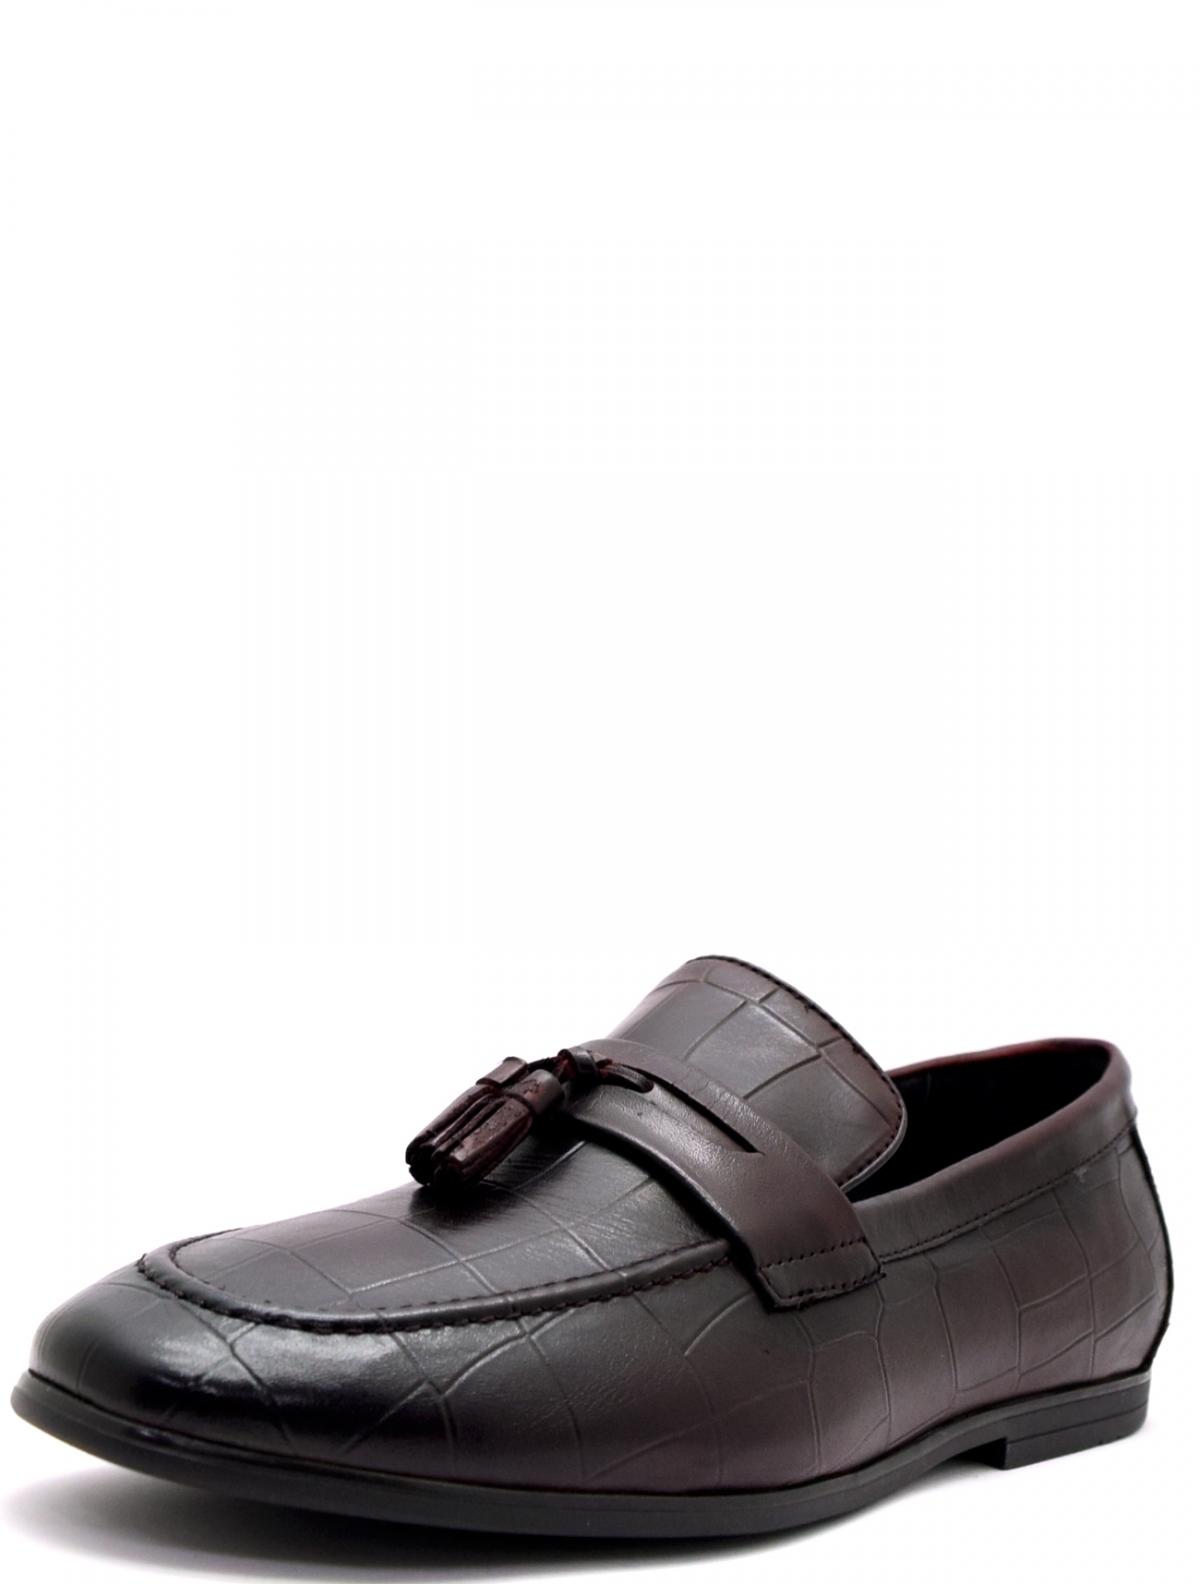 Roscote A0117-204-557T3535H мужские туфли